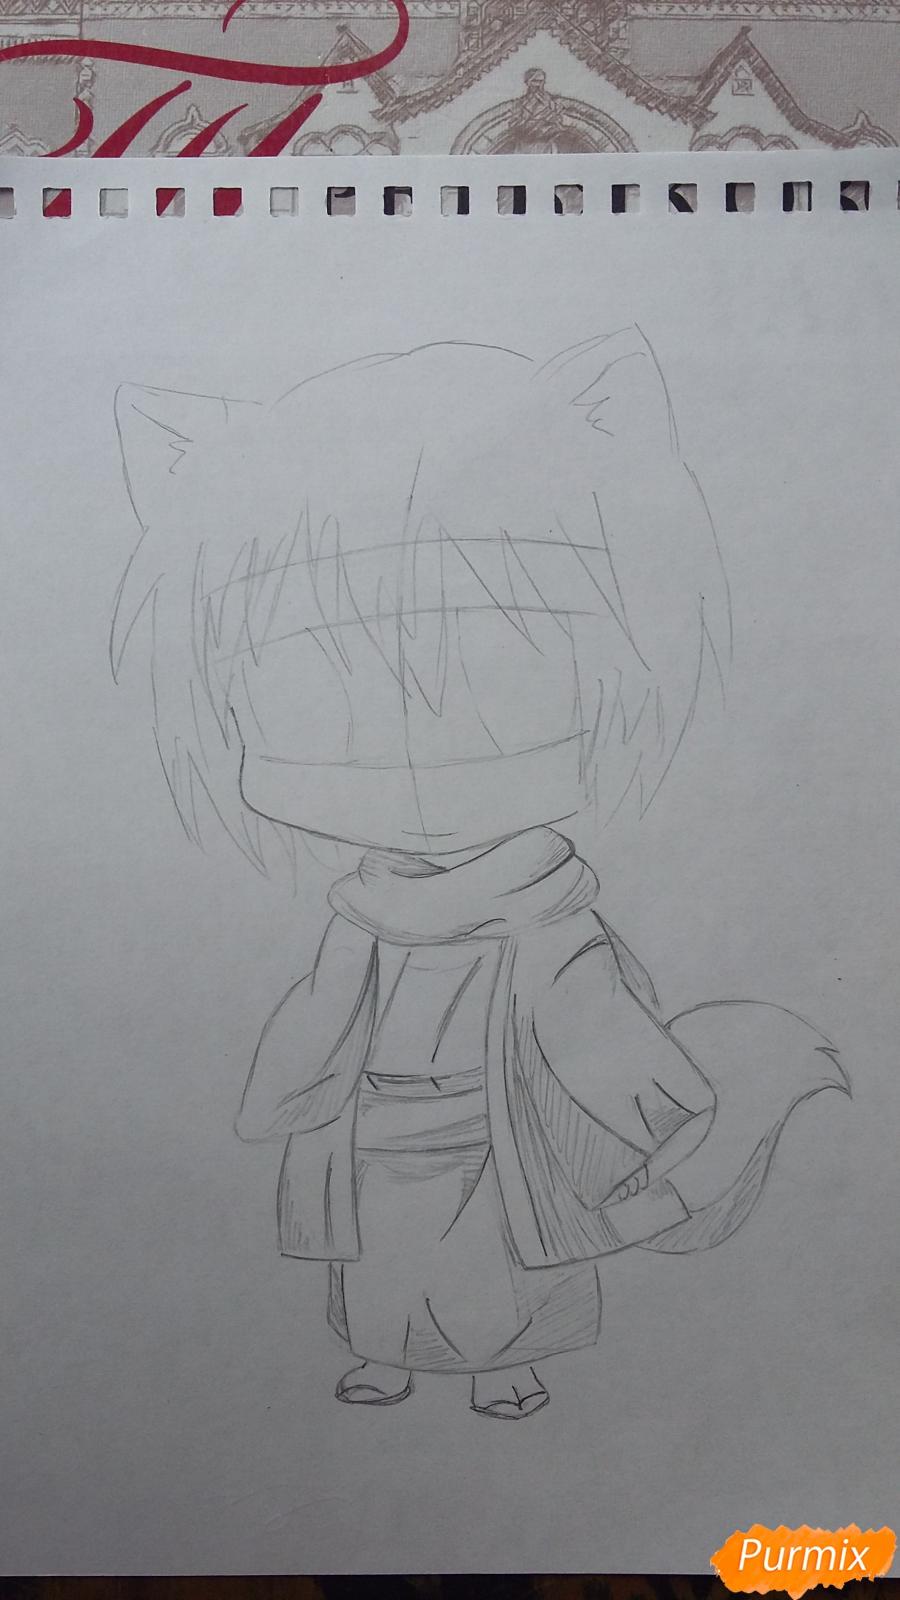 Как нарисовать Томоэ в стиле чиби из аниме Очень приятно, Бог  - шаг 3